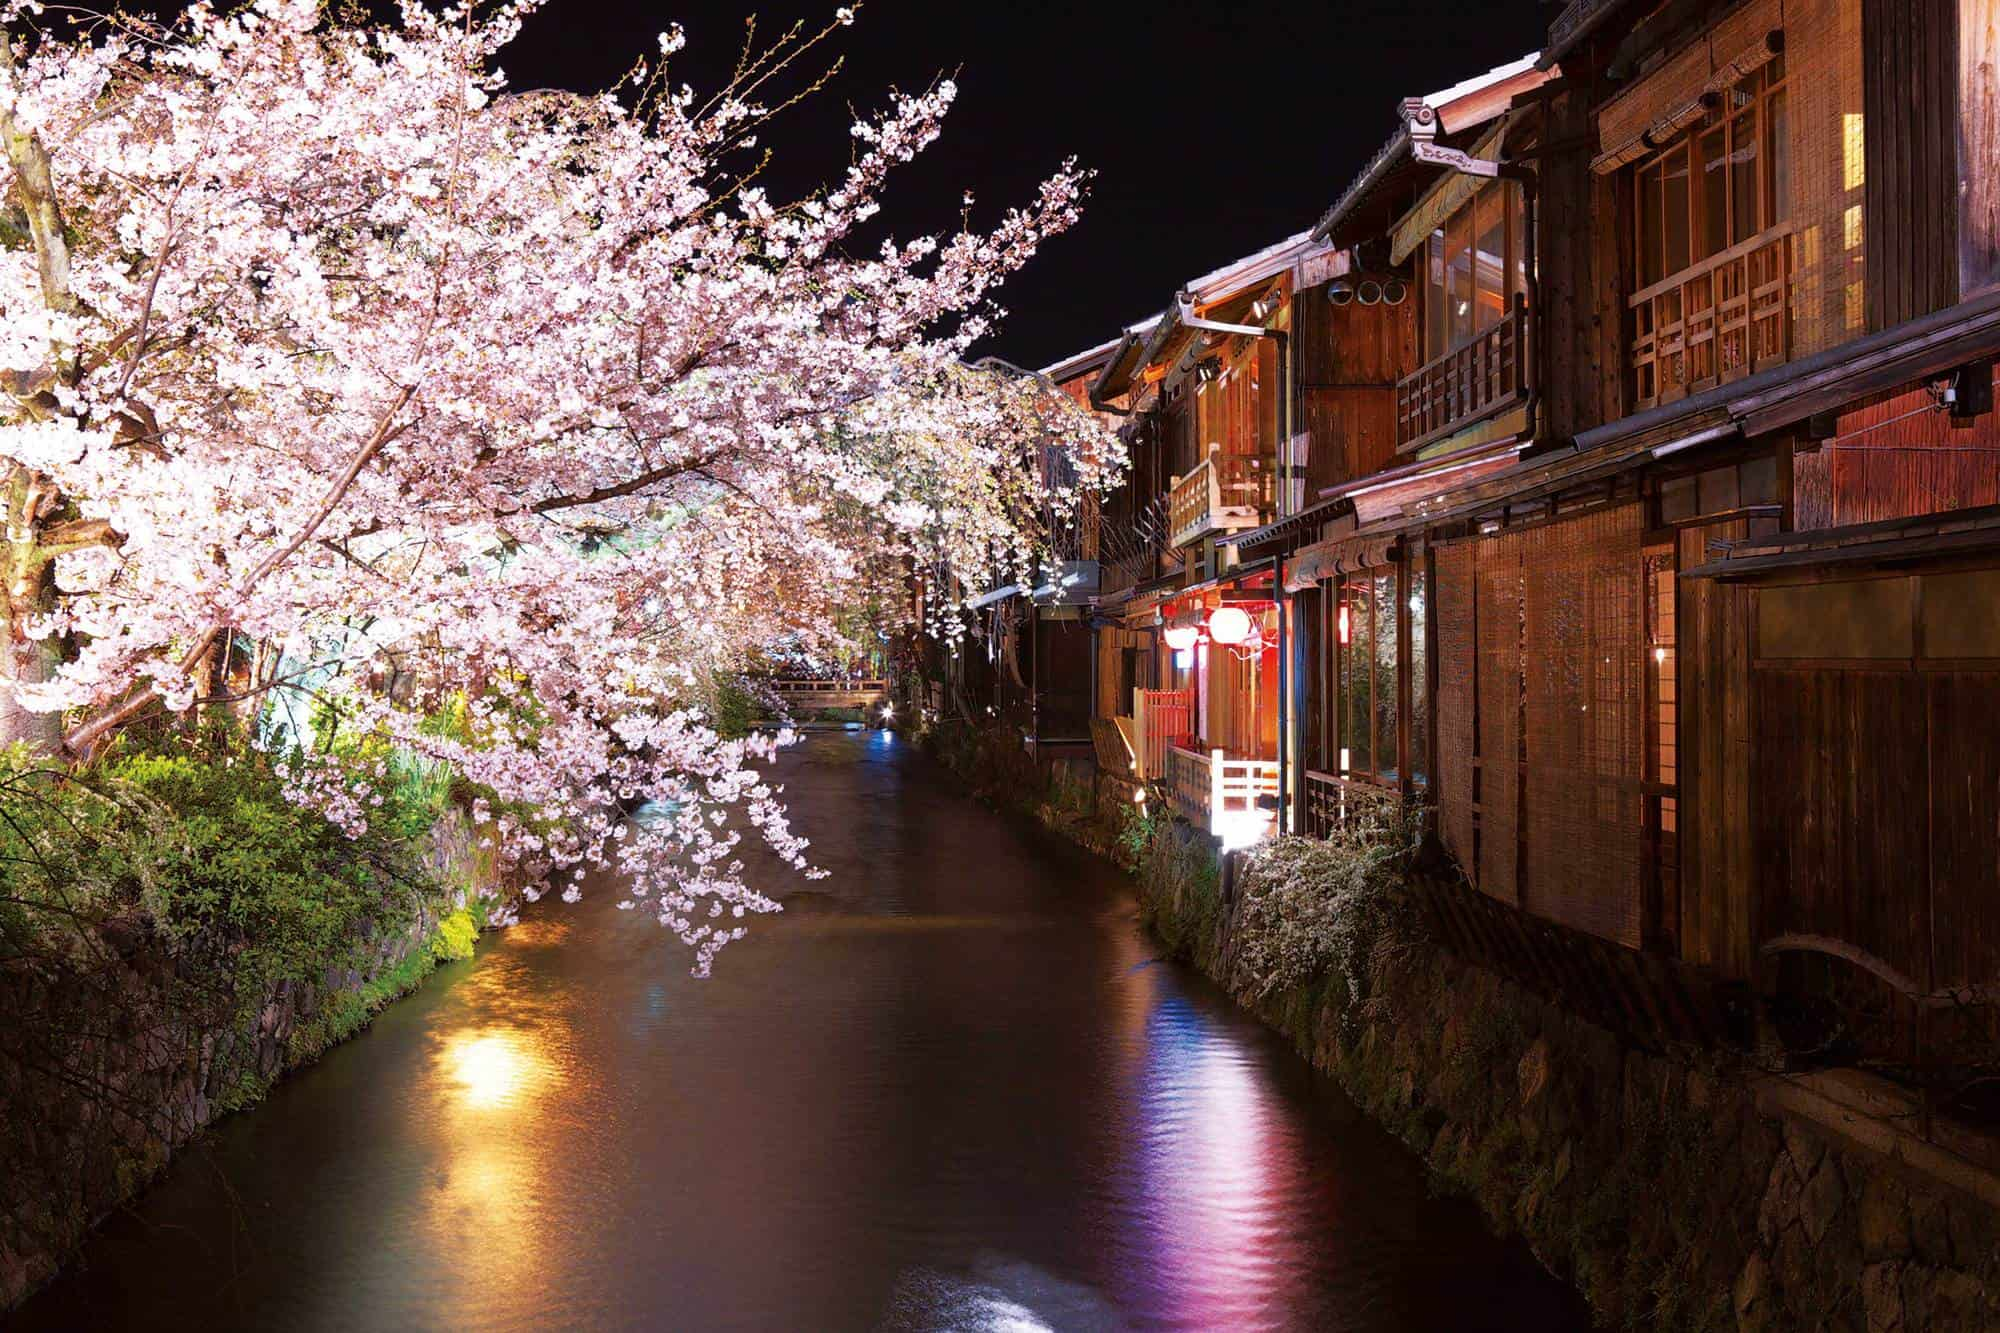 เรียนภาษาญี่ปุ่นที่โอซาก้า ย่านกิอง (Gion) – เที่ยวเมืองเกียวโต